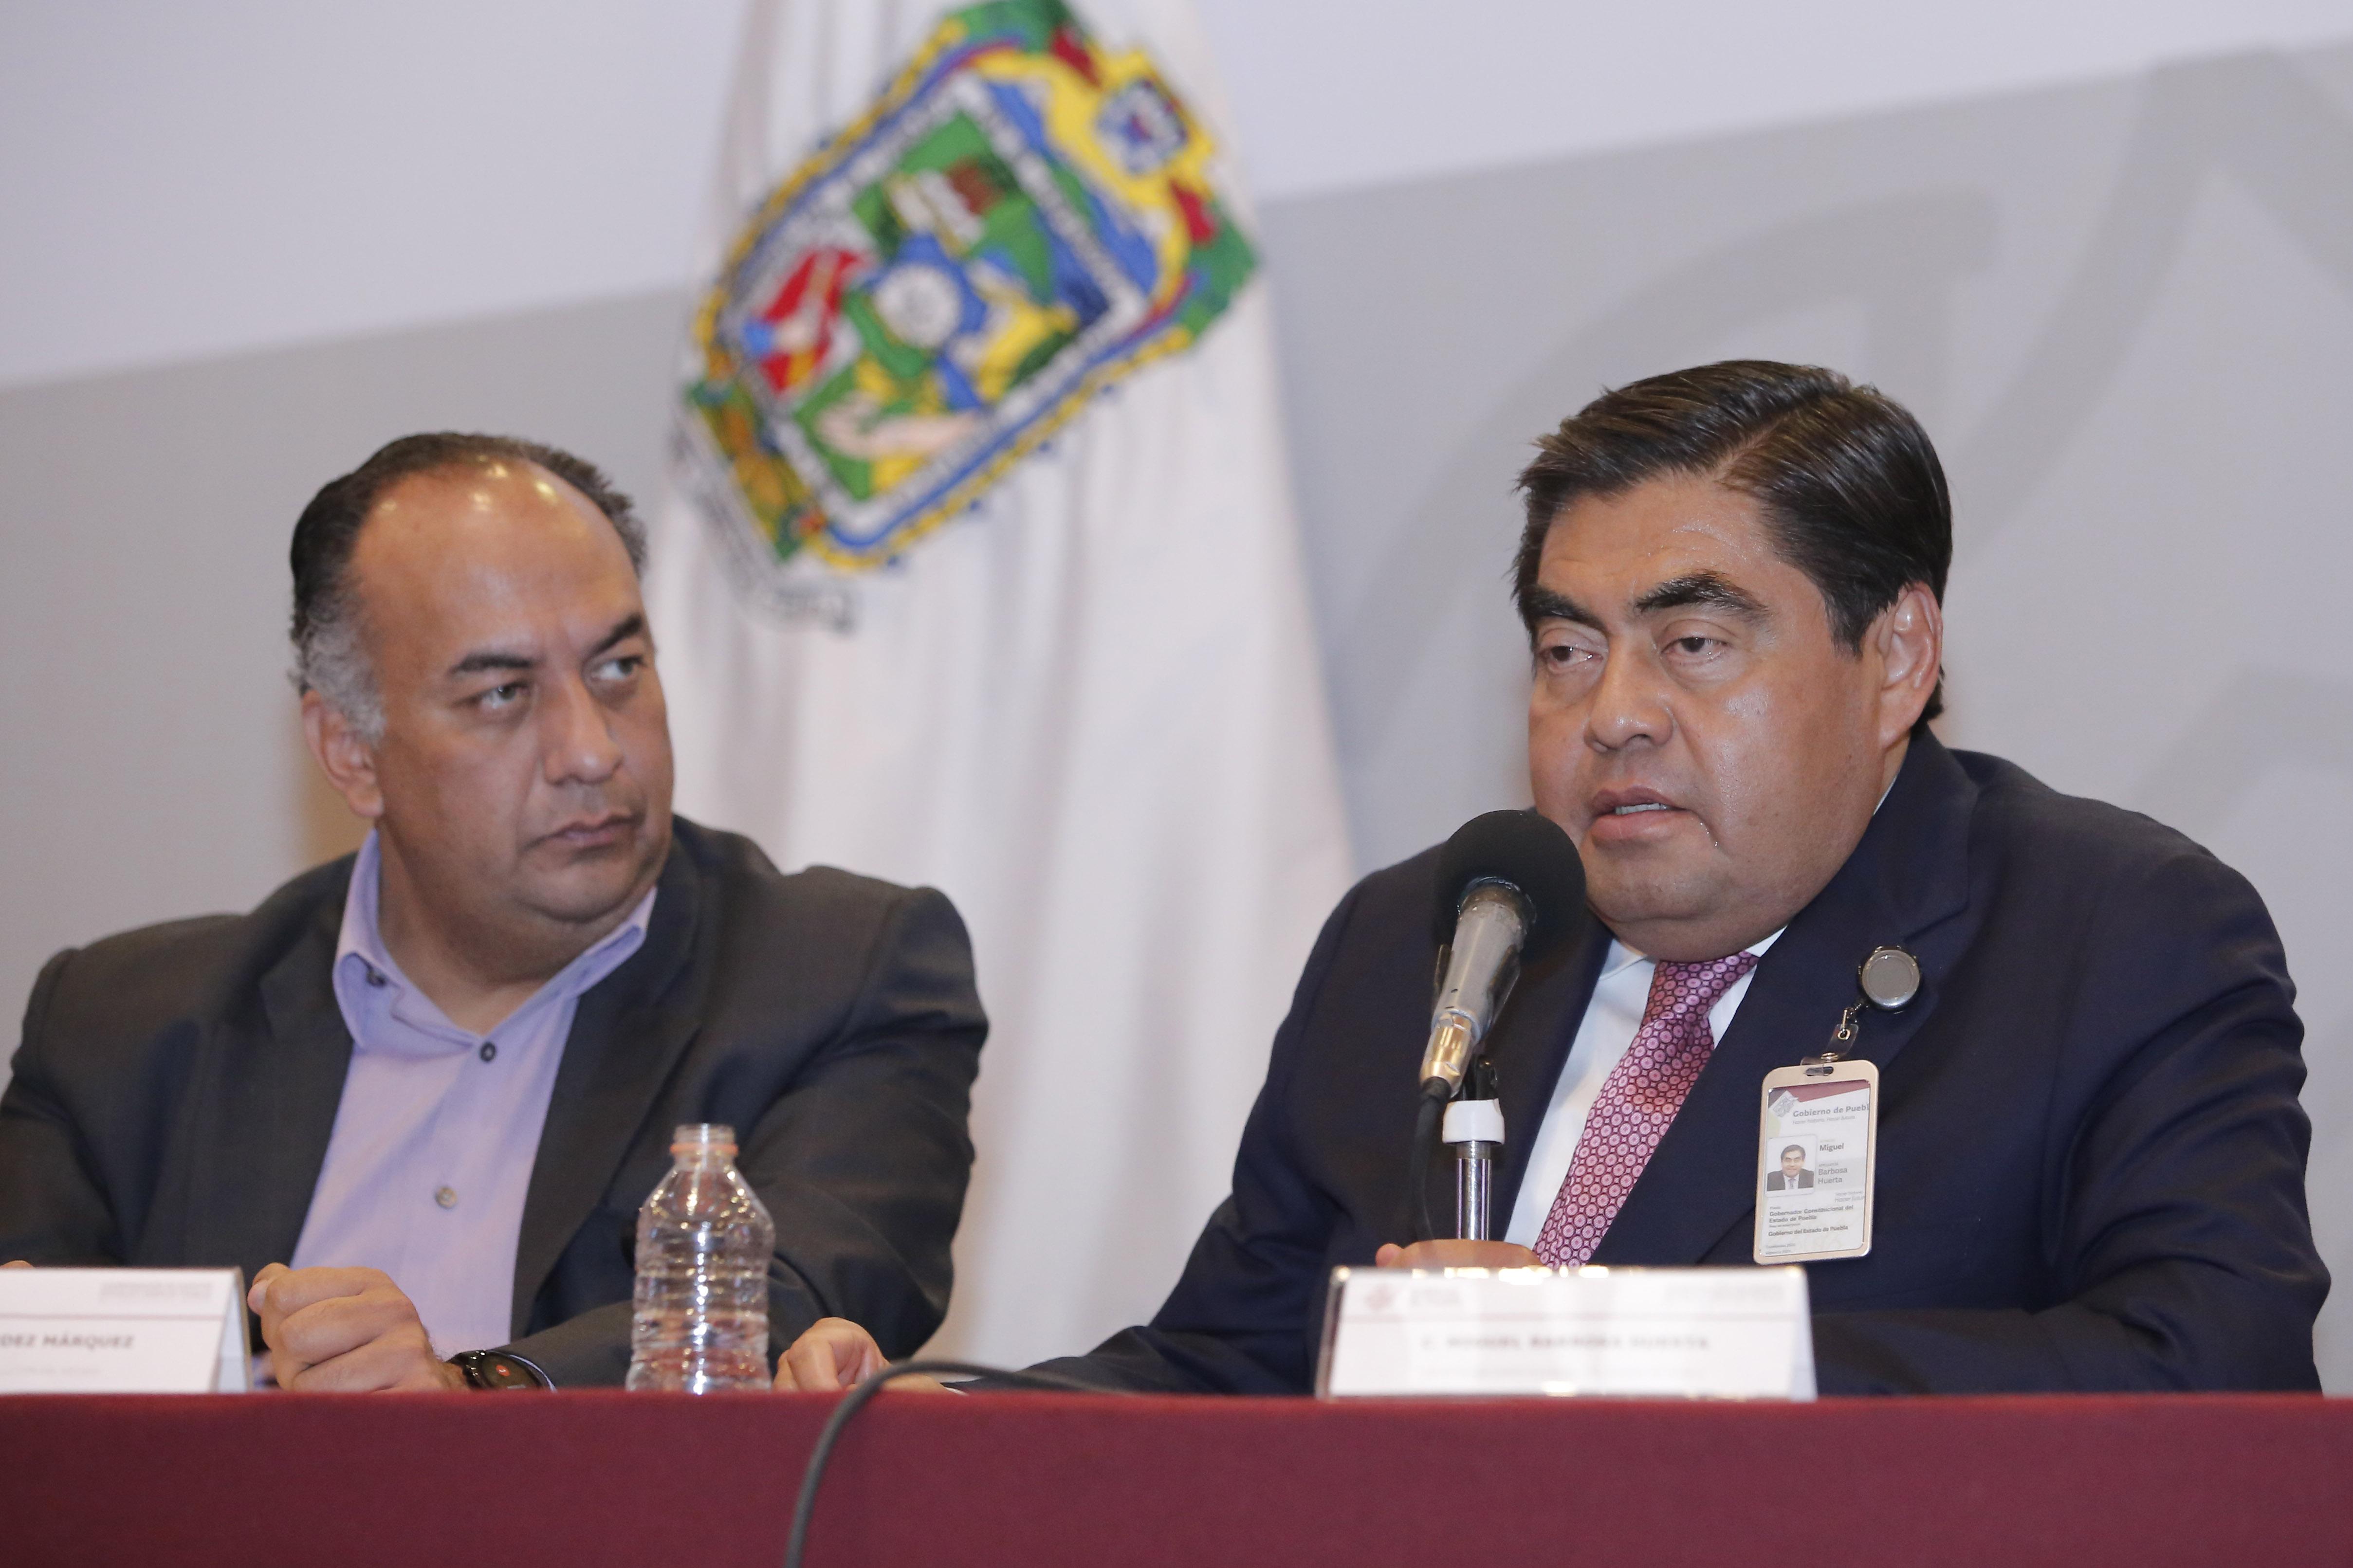 Coordinación interinstitucional para atender retos de Puebla, plantea secretaría de Gobernación a ediles